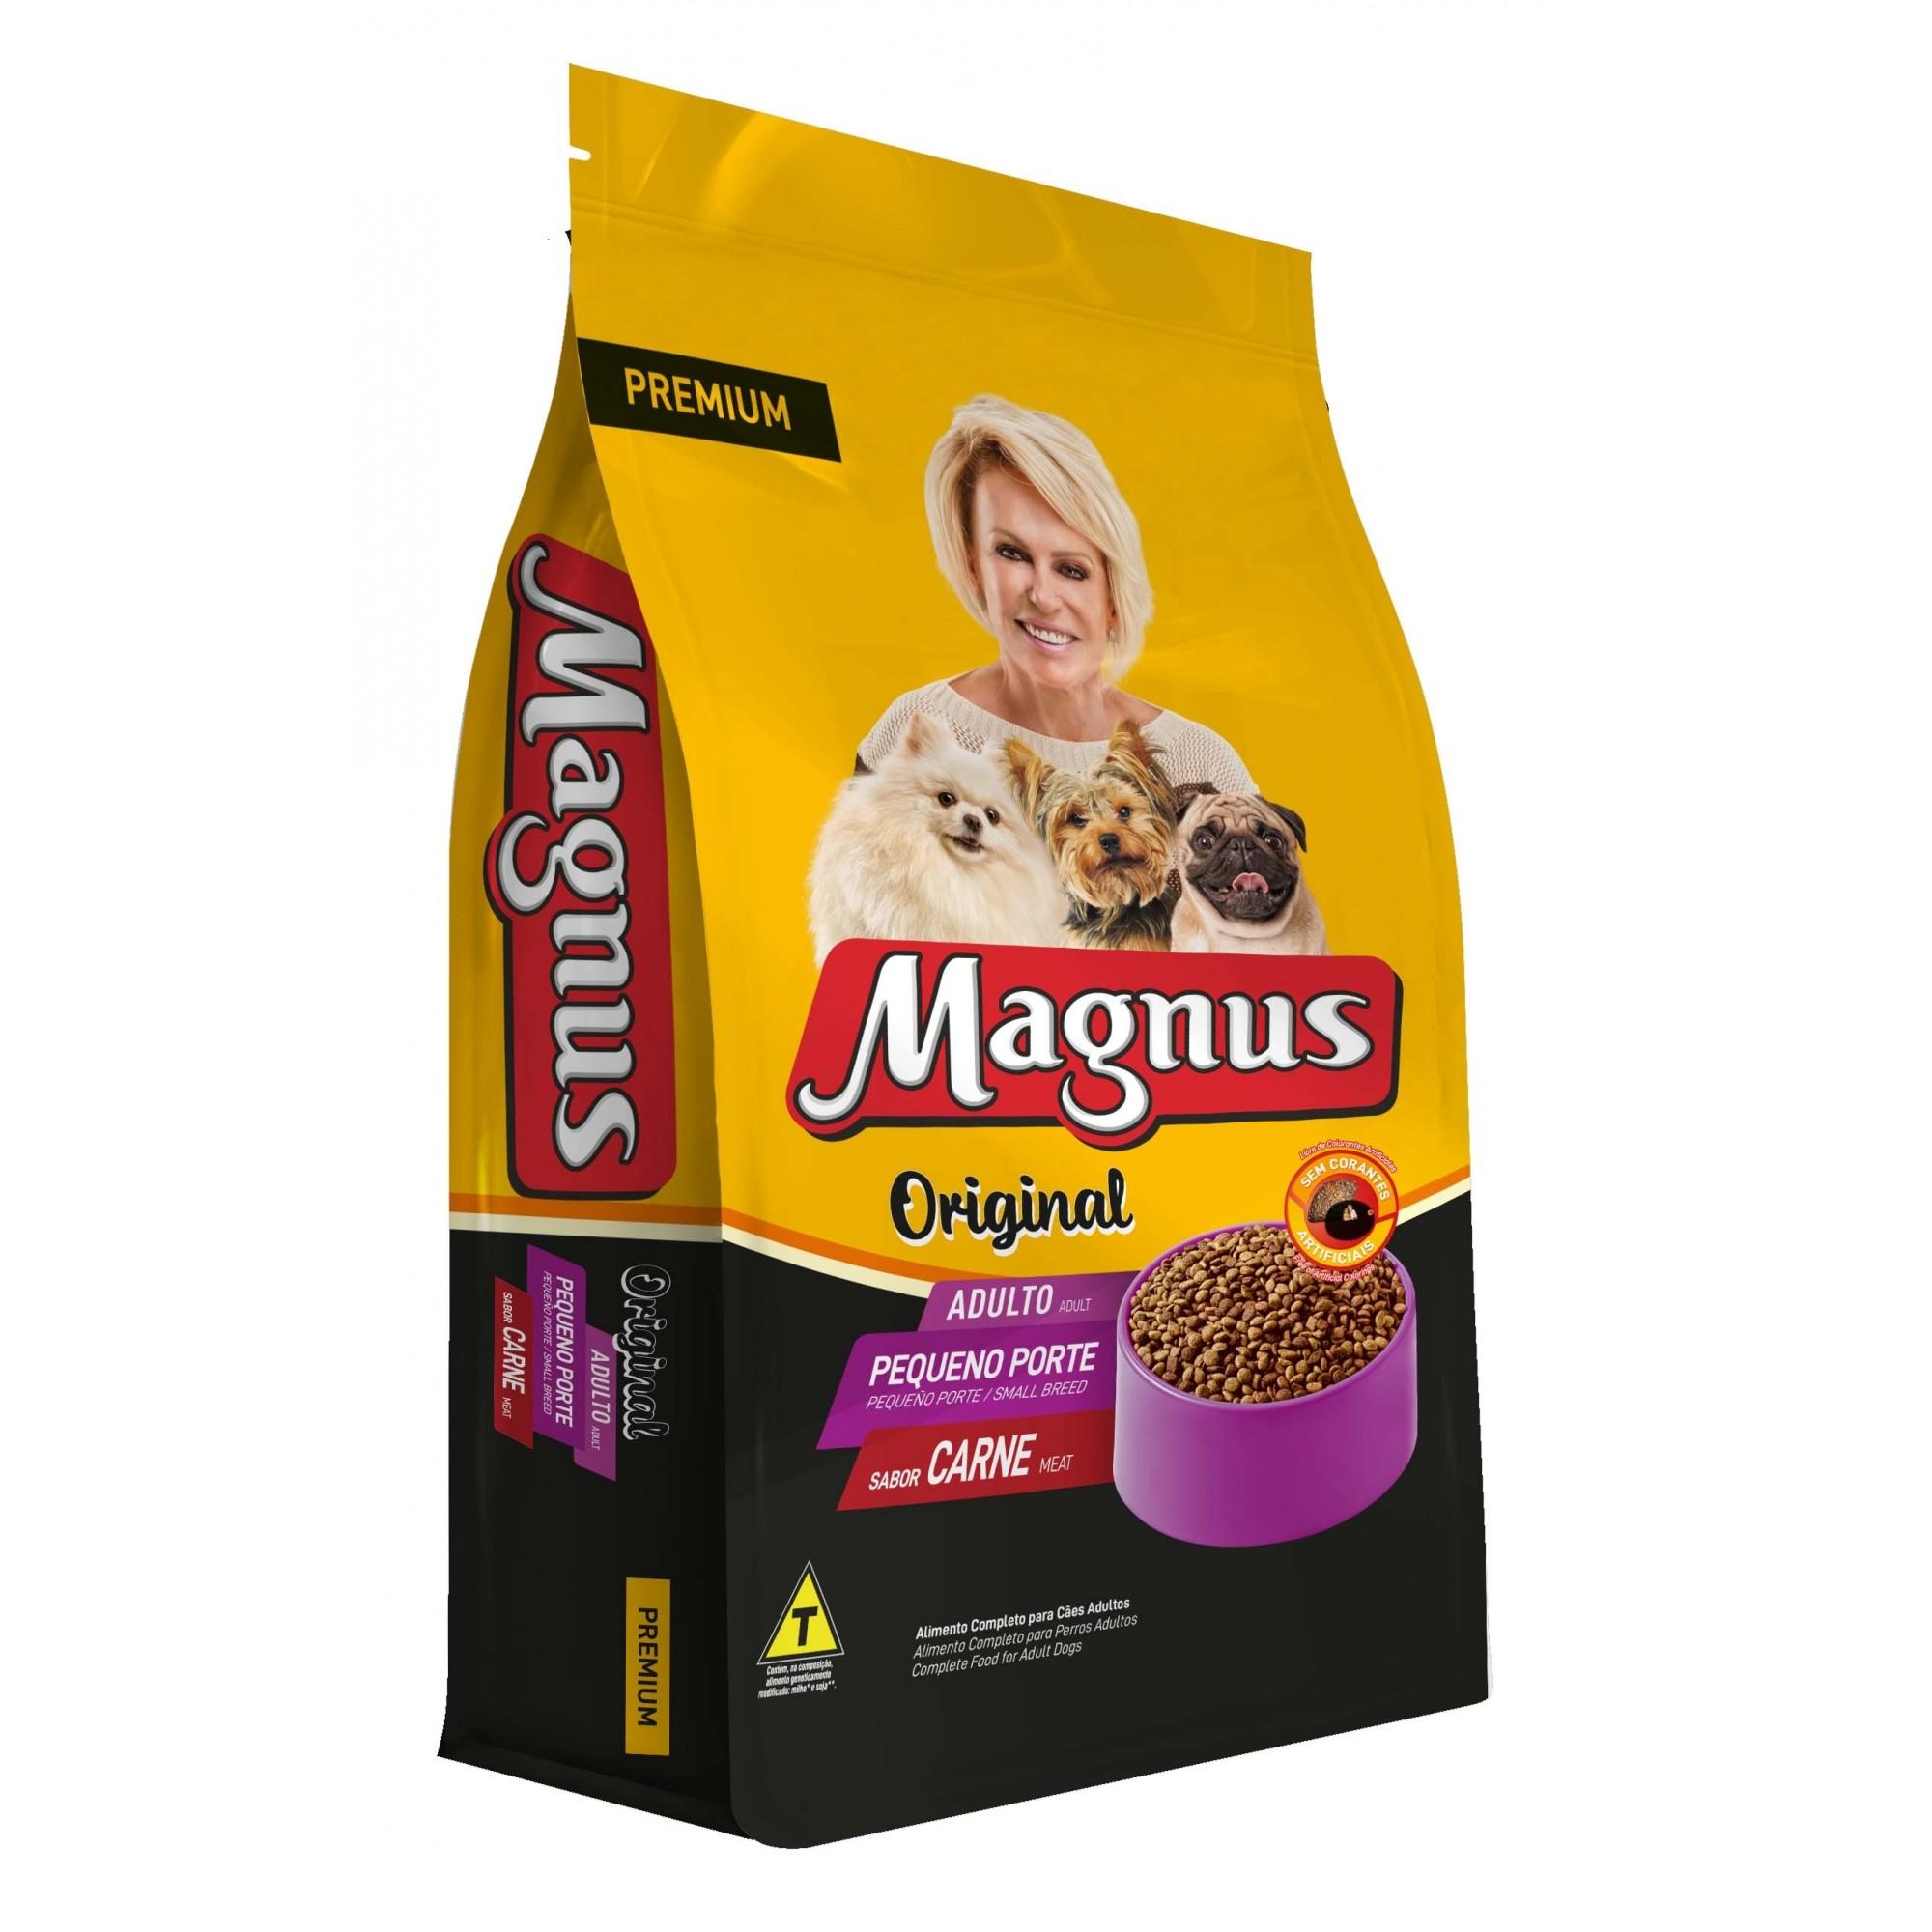 Ração Magnus Premium Original Cães Adultos Pequeno Porte - 15kg